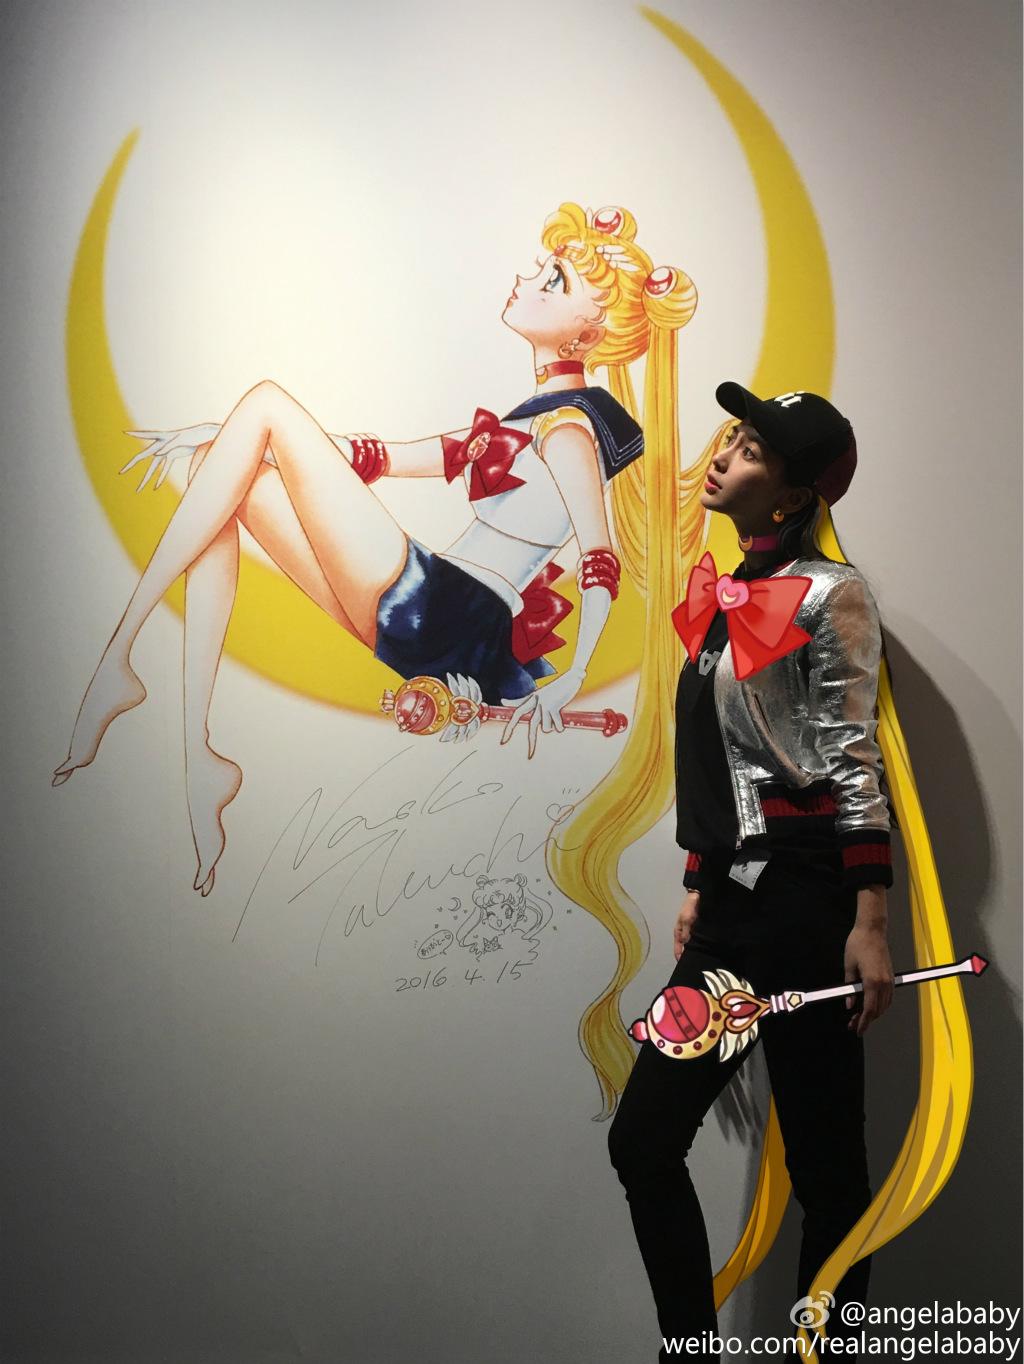 全球限量版美少女战士